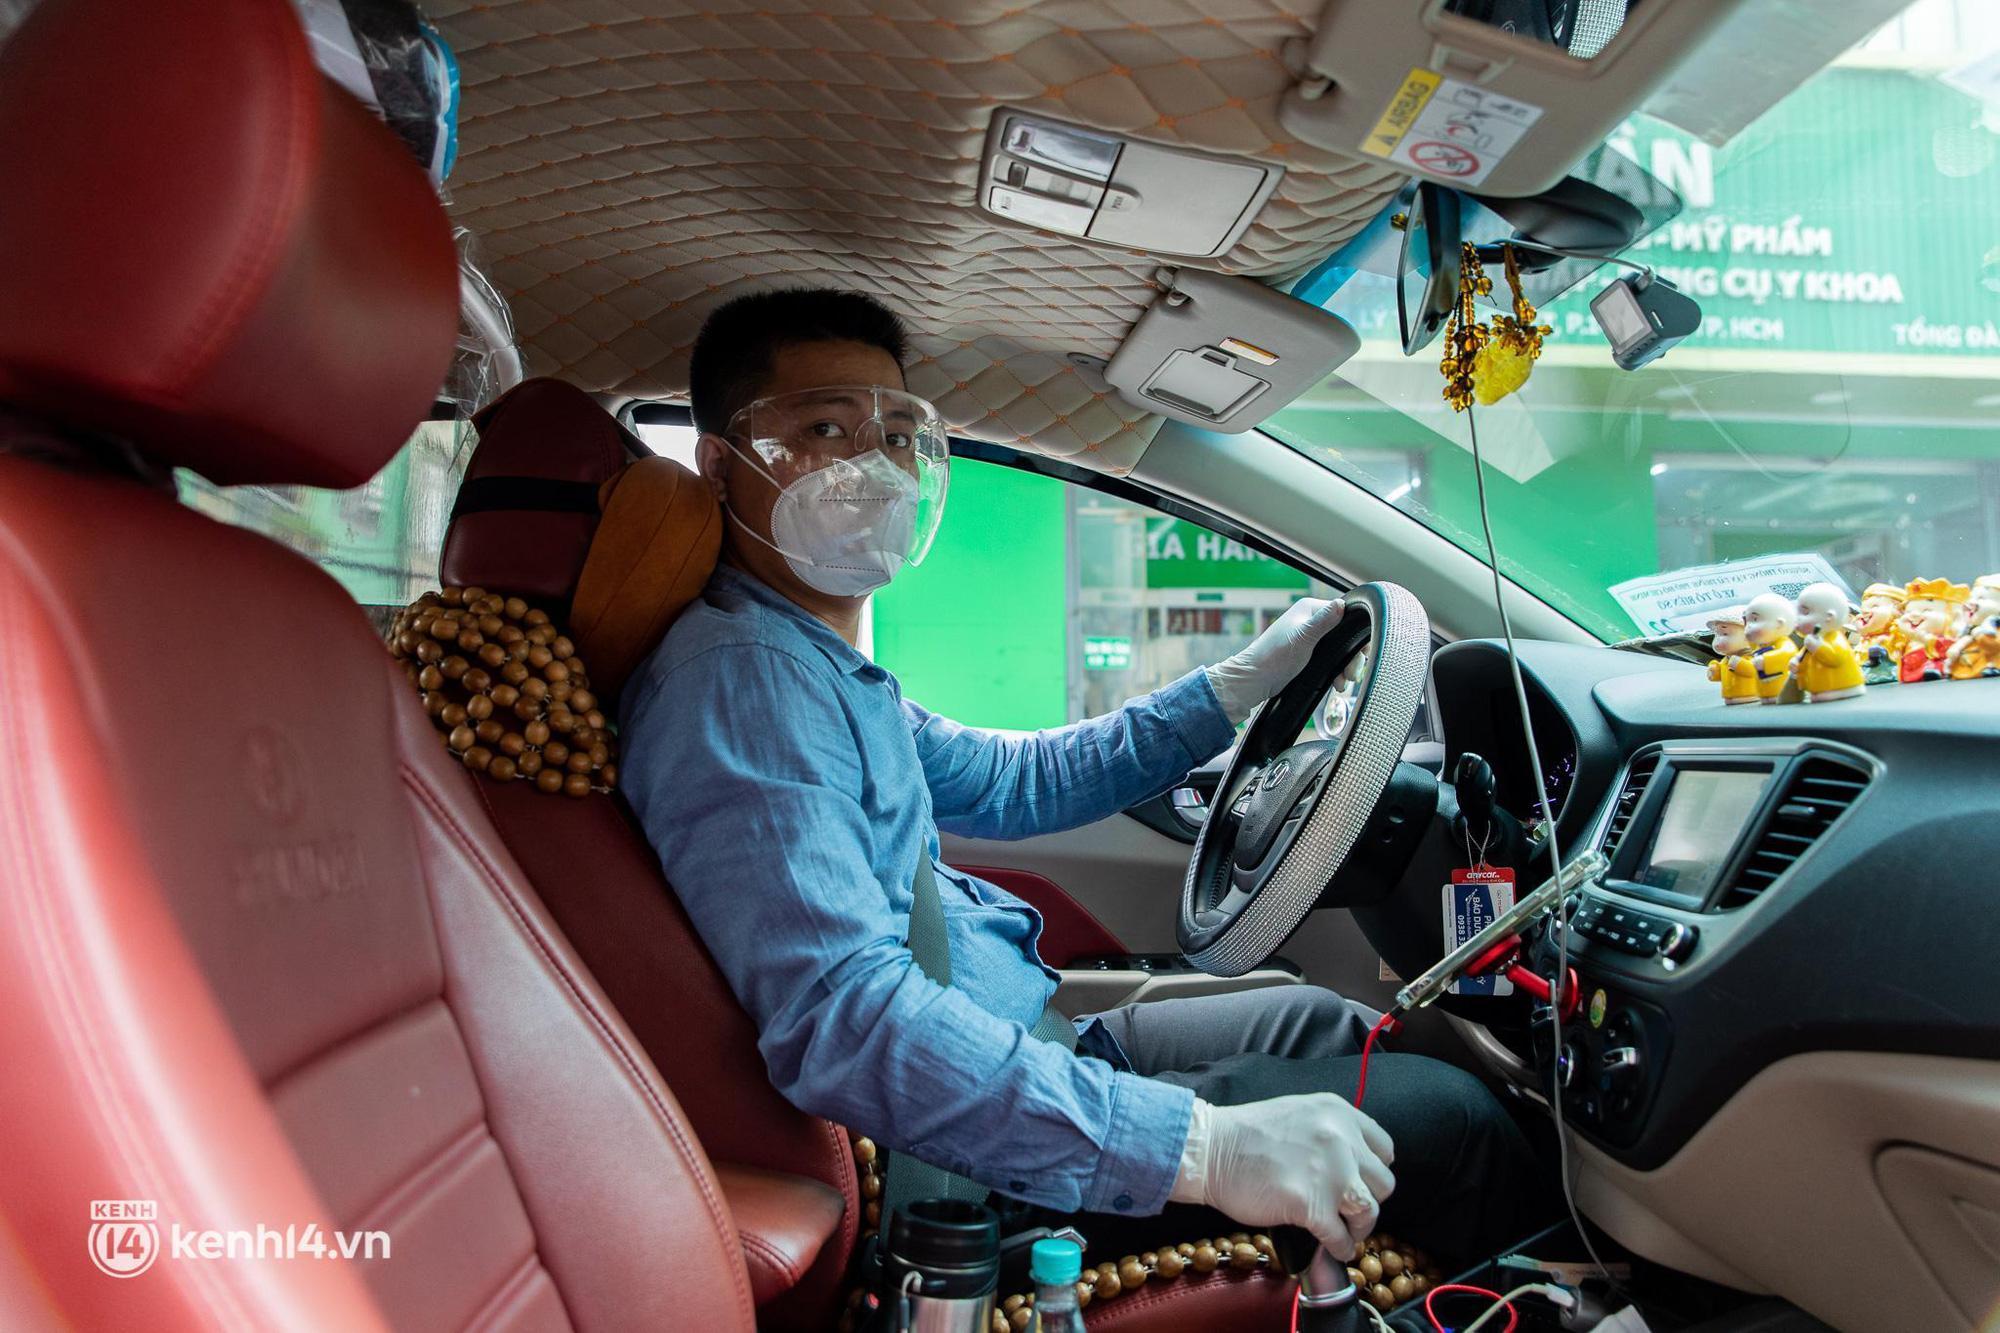 Sài Gòn nới lỏng giãn cách xã hội, bác tài phấn khởi ngày hoạt động trở lại với dịch vụ GrabCar Protect - Ảnh 1.